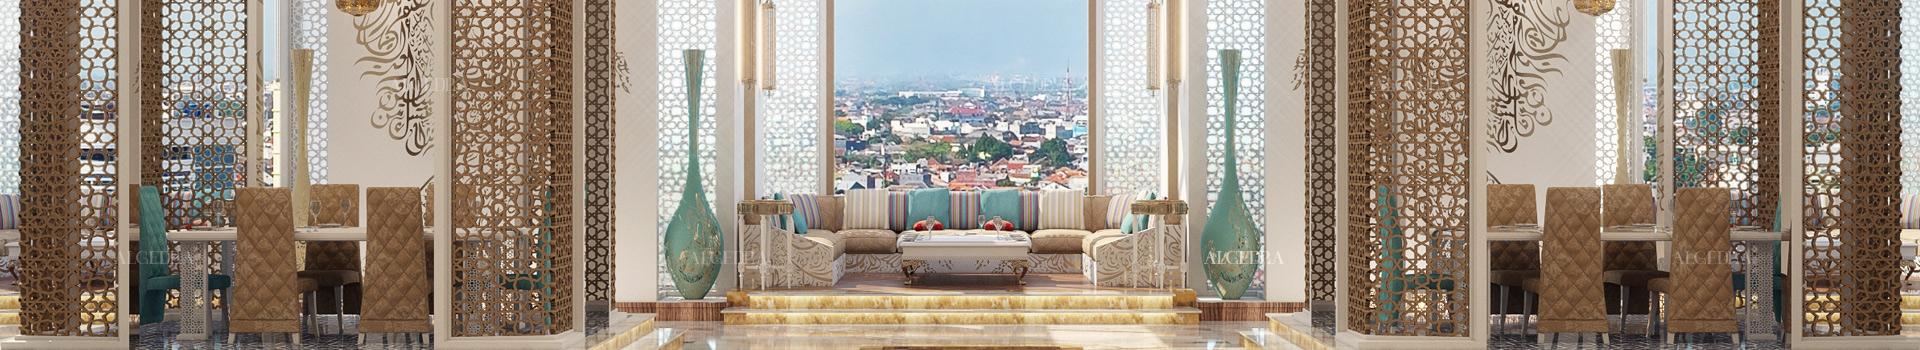 تصميم مجالس فخمة في أبوظبي